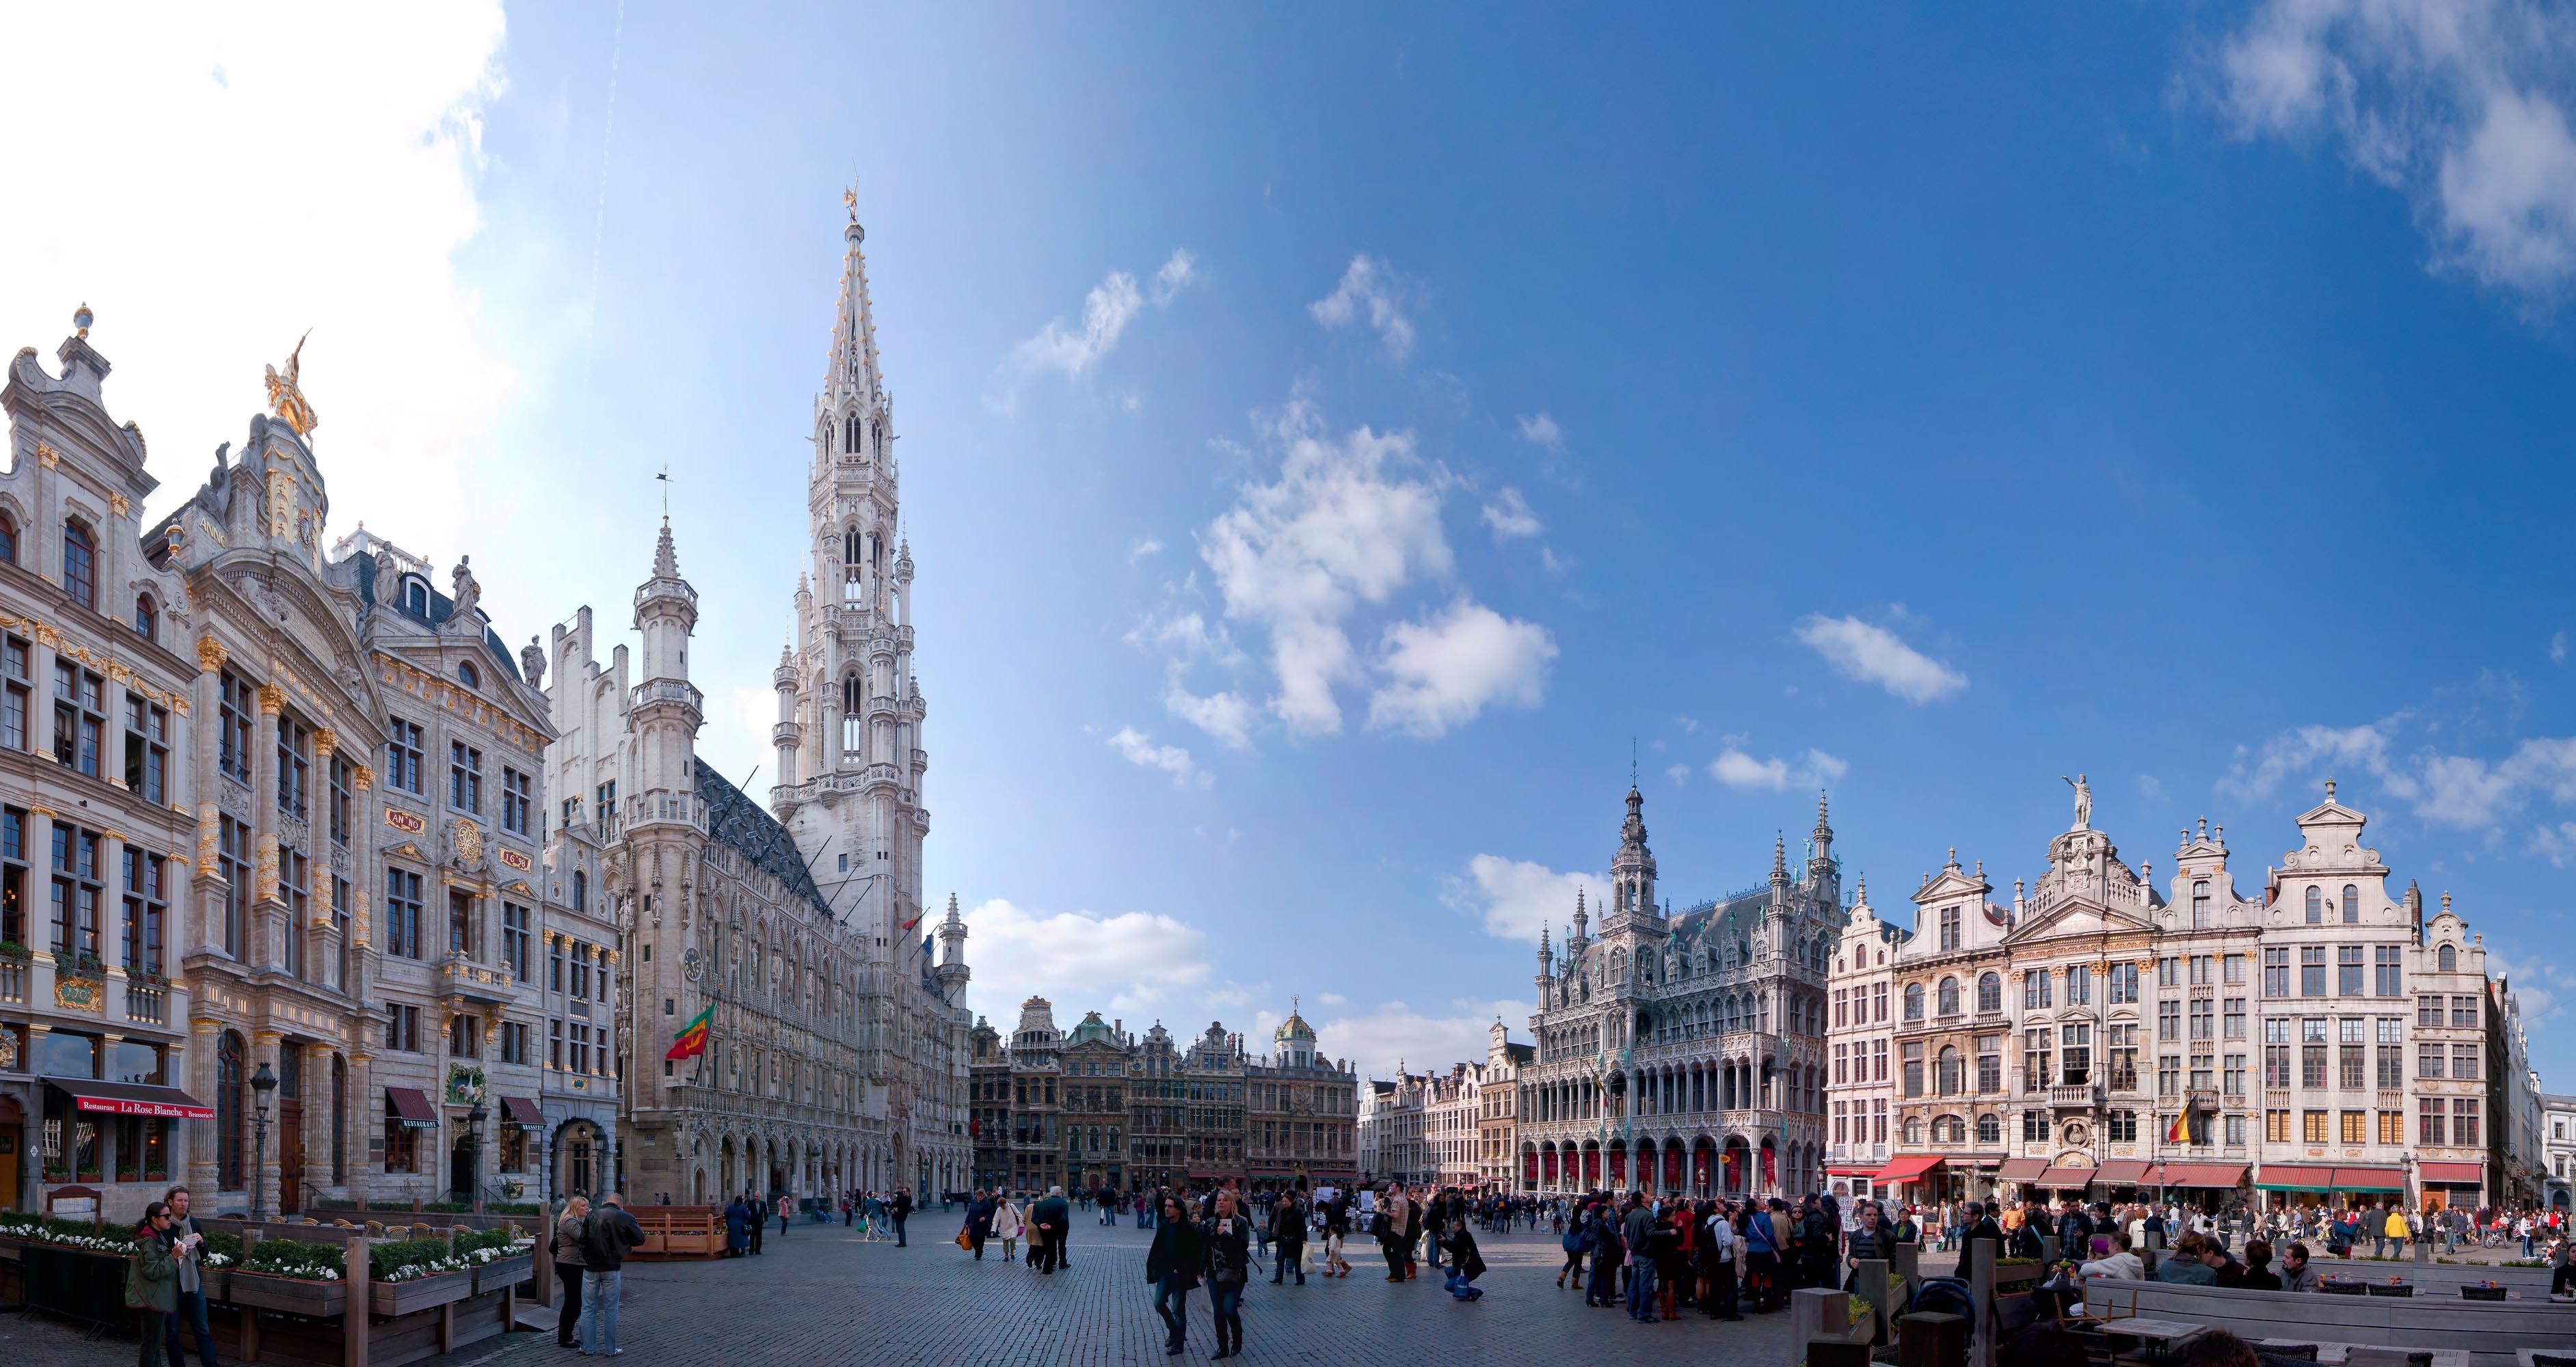 Брюссель: чем туристу запомнится столица Бельгии?